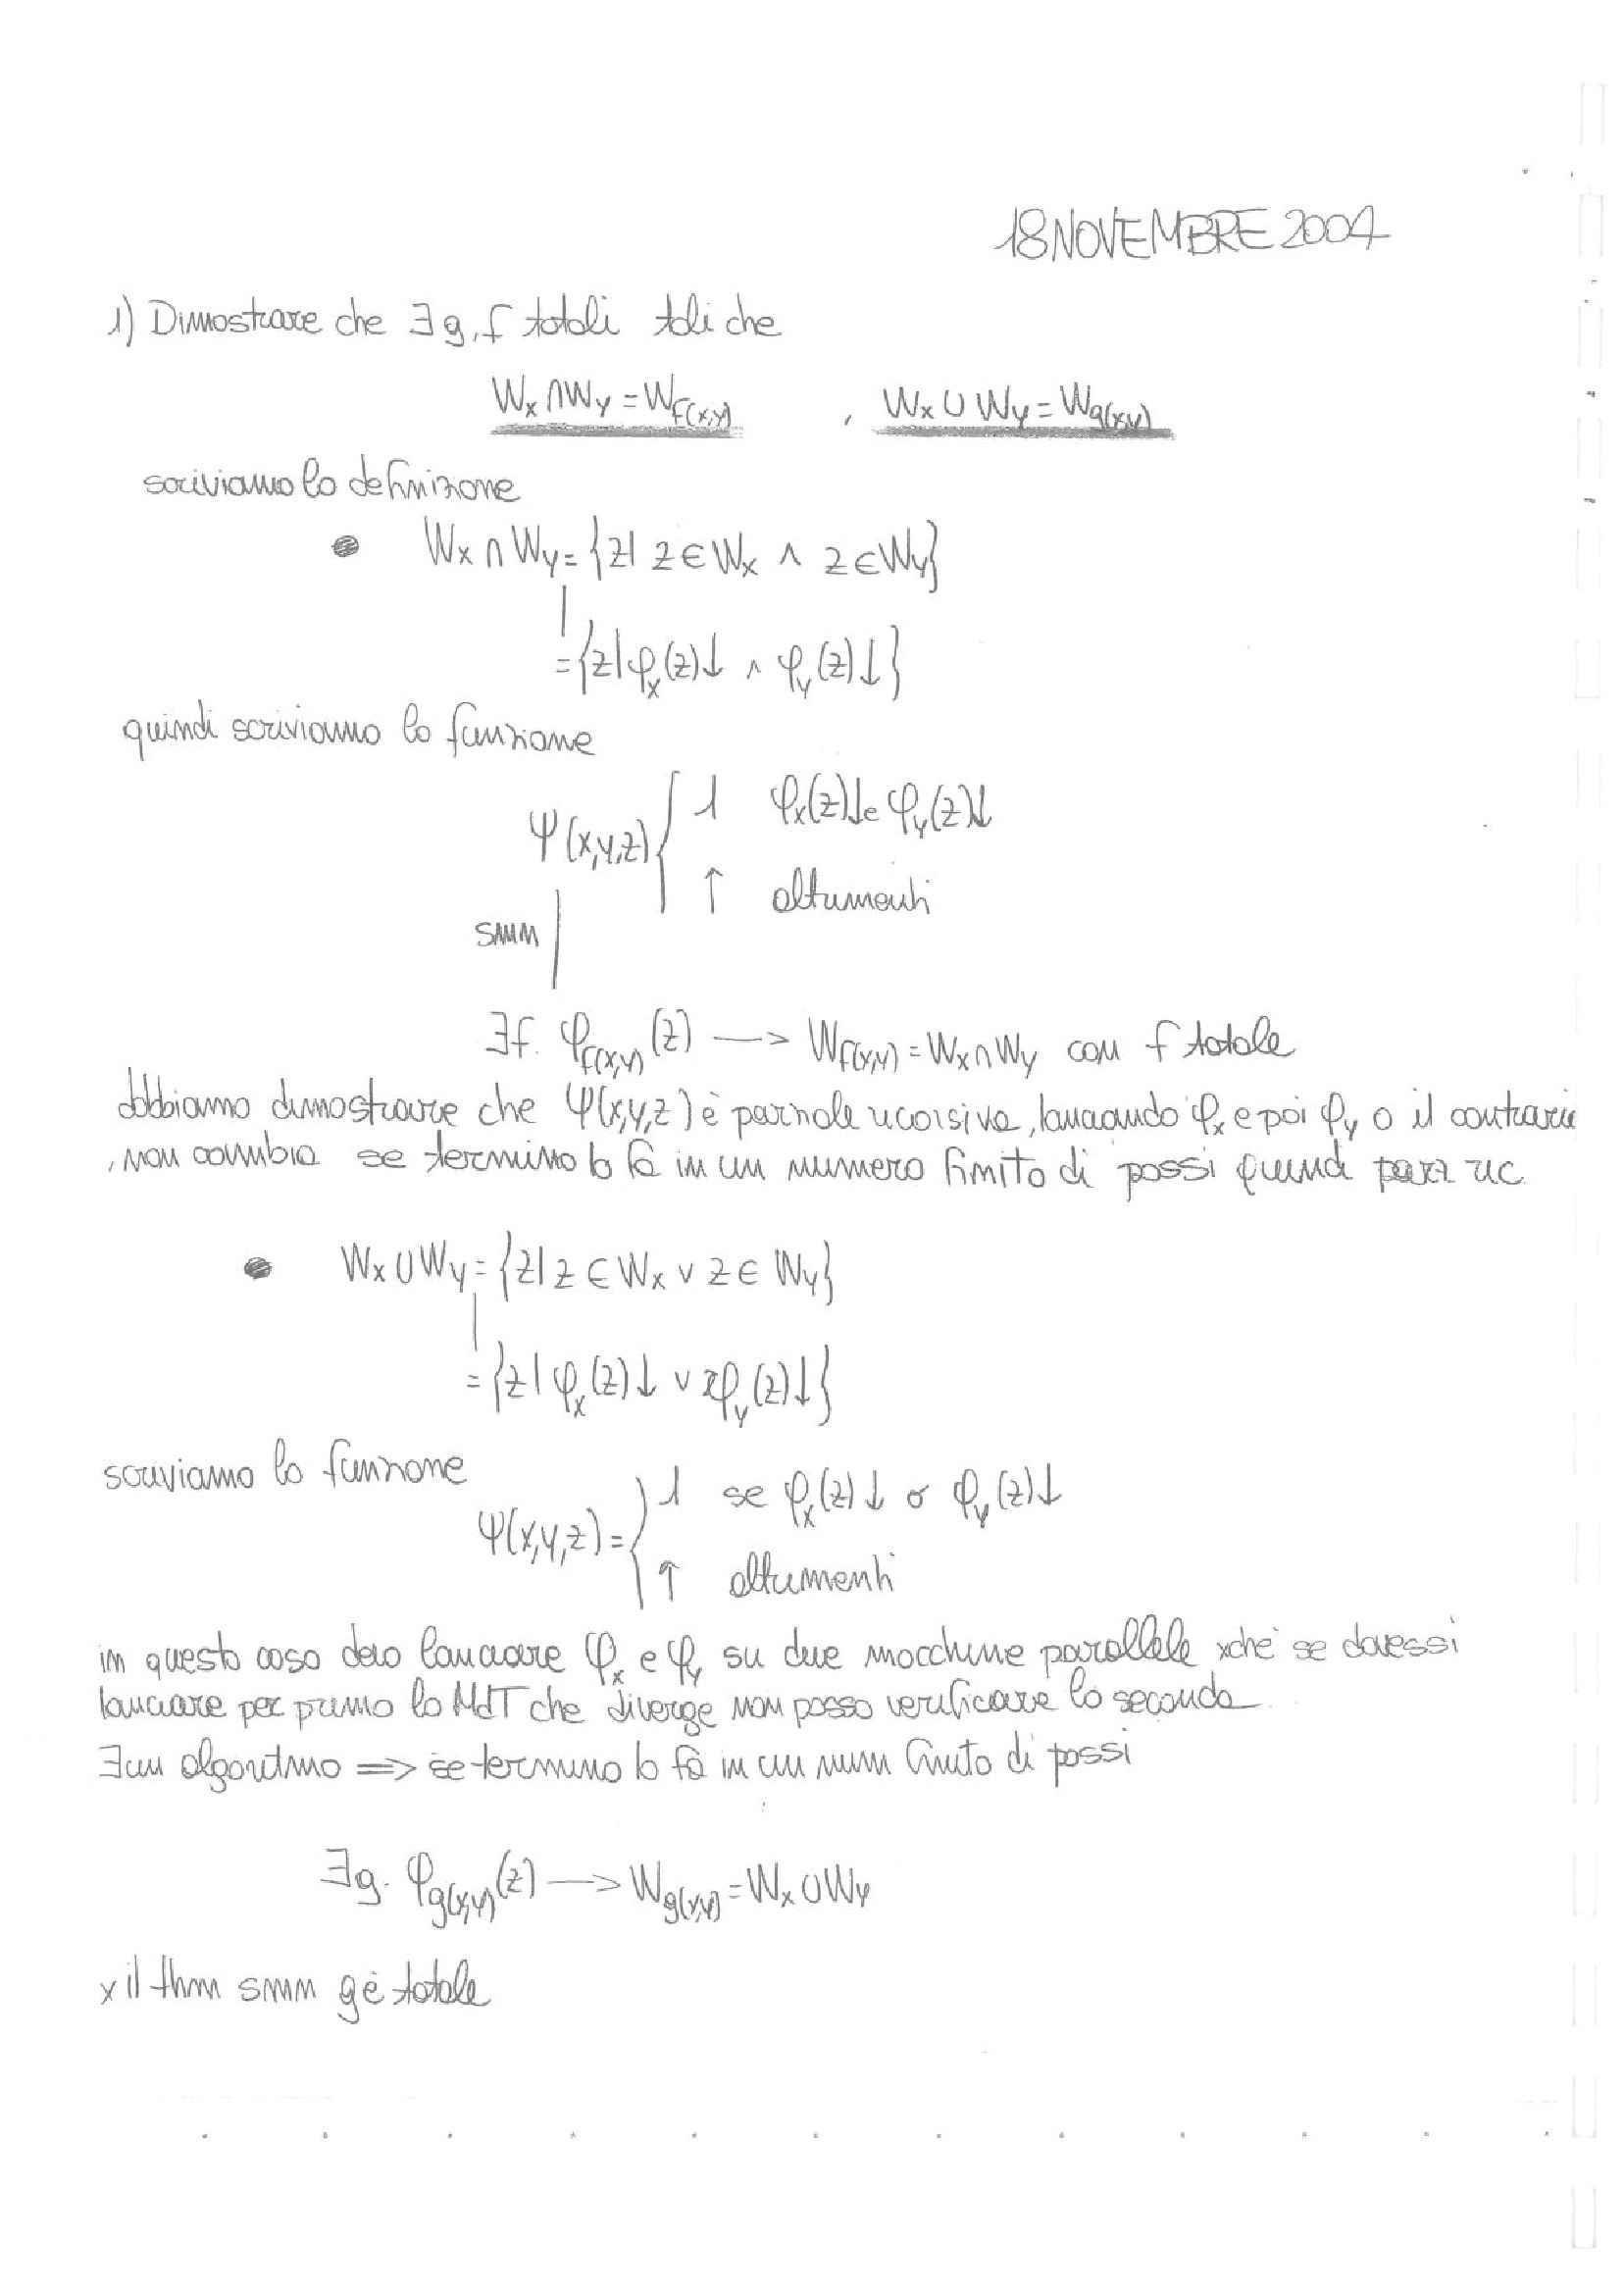 Fondamenti dell'informatica - Appunti Pag. 46